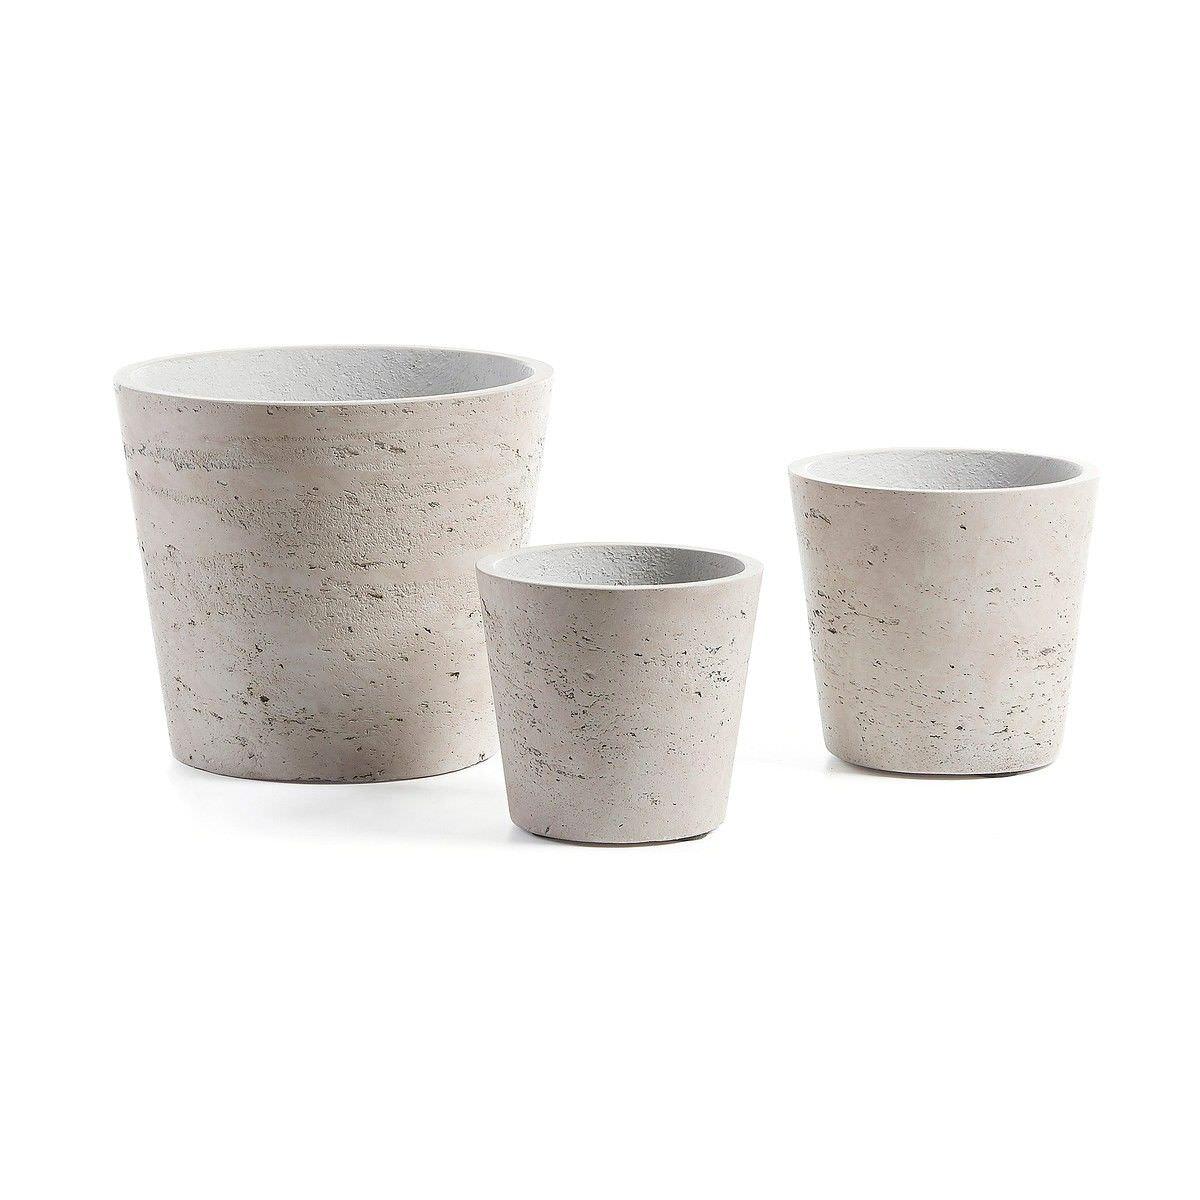 Megalo 3 Piece Poly Cement Planter Set, Type D